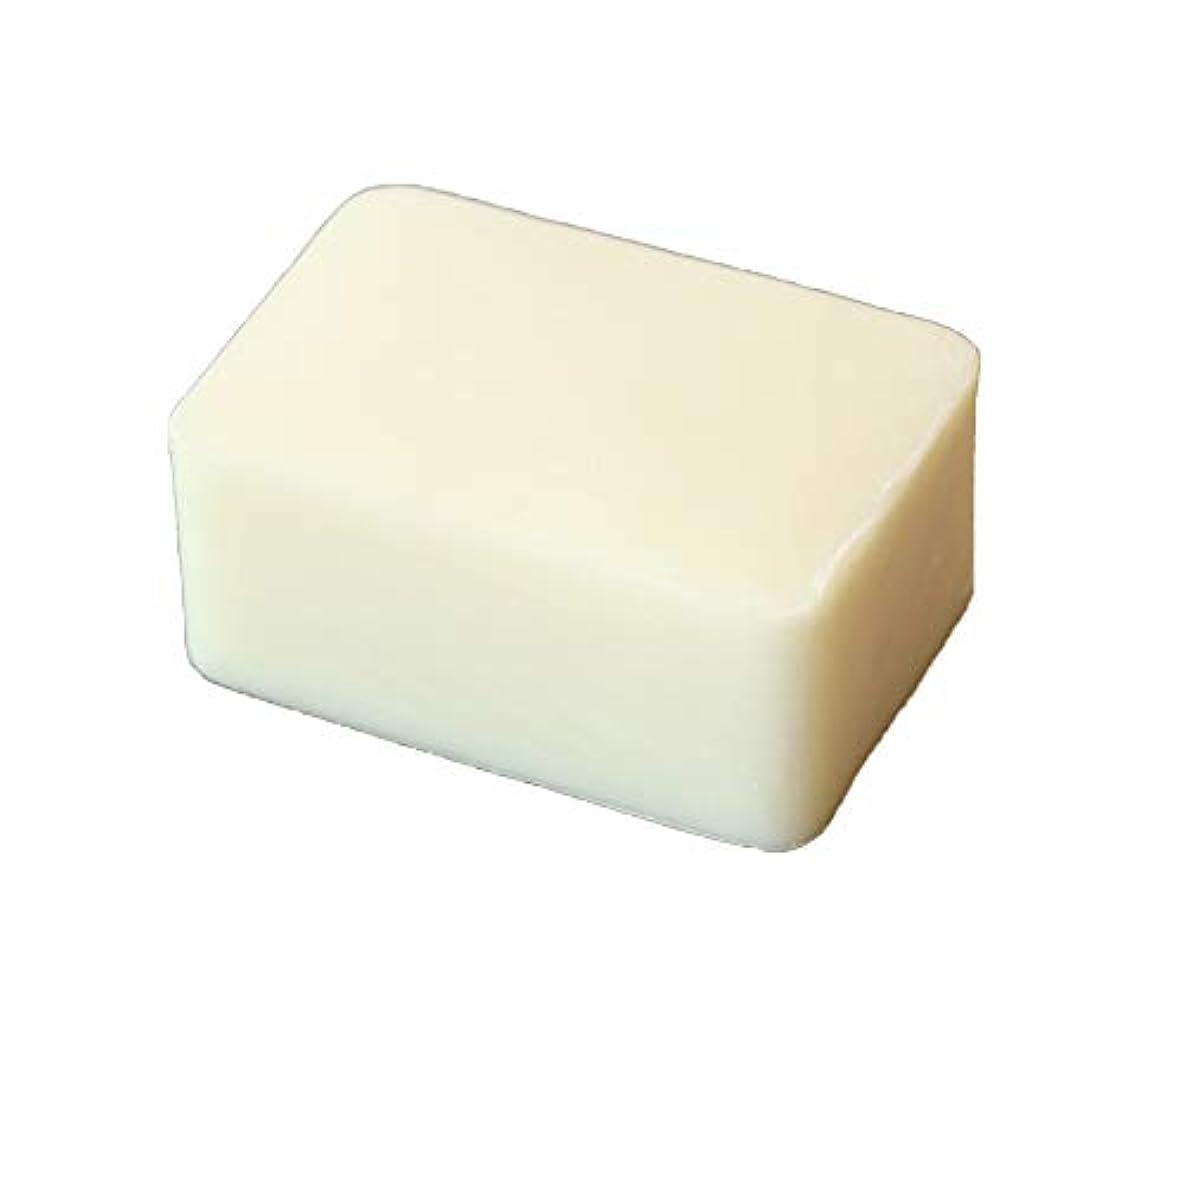 精神的にアスレチック第二【絹屋】絹の石鹸(5468)